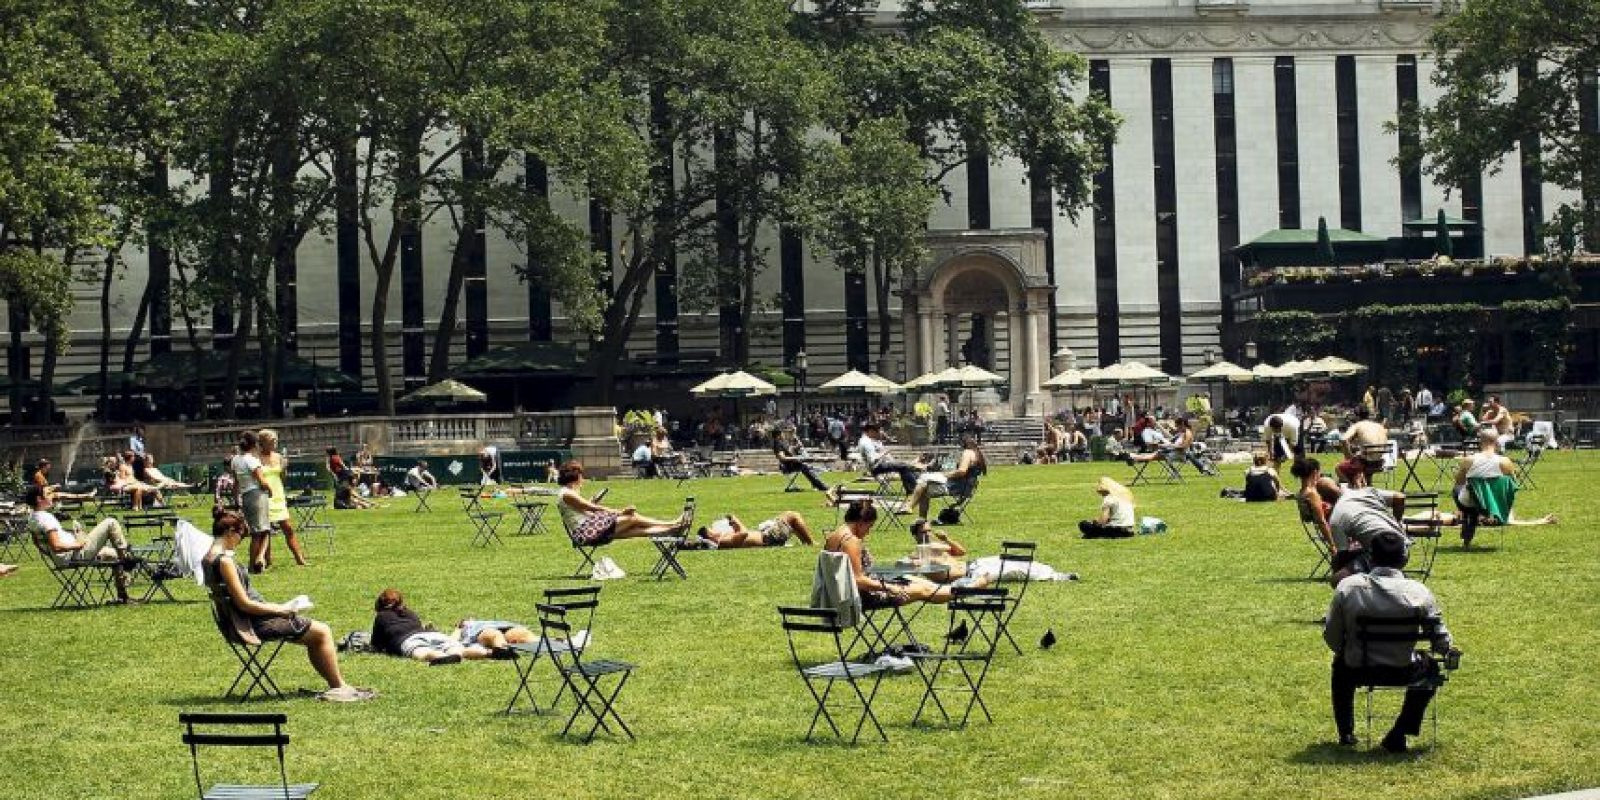 Una ola de robos atenta contra Central Park Foto:Getty Images